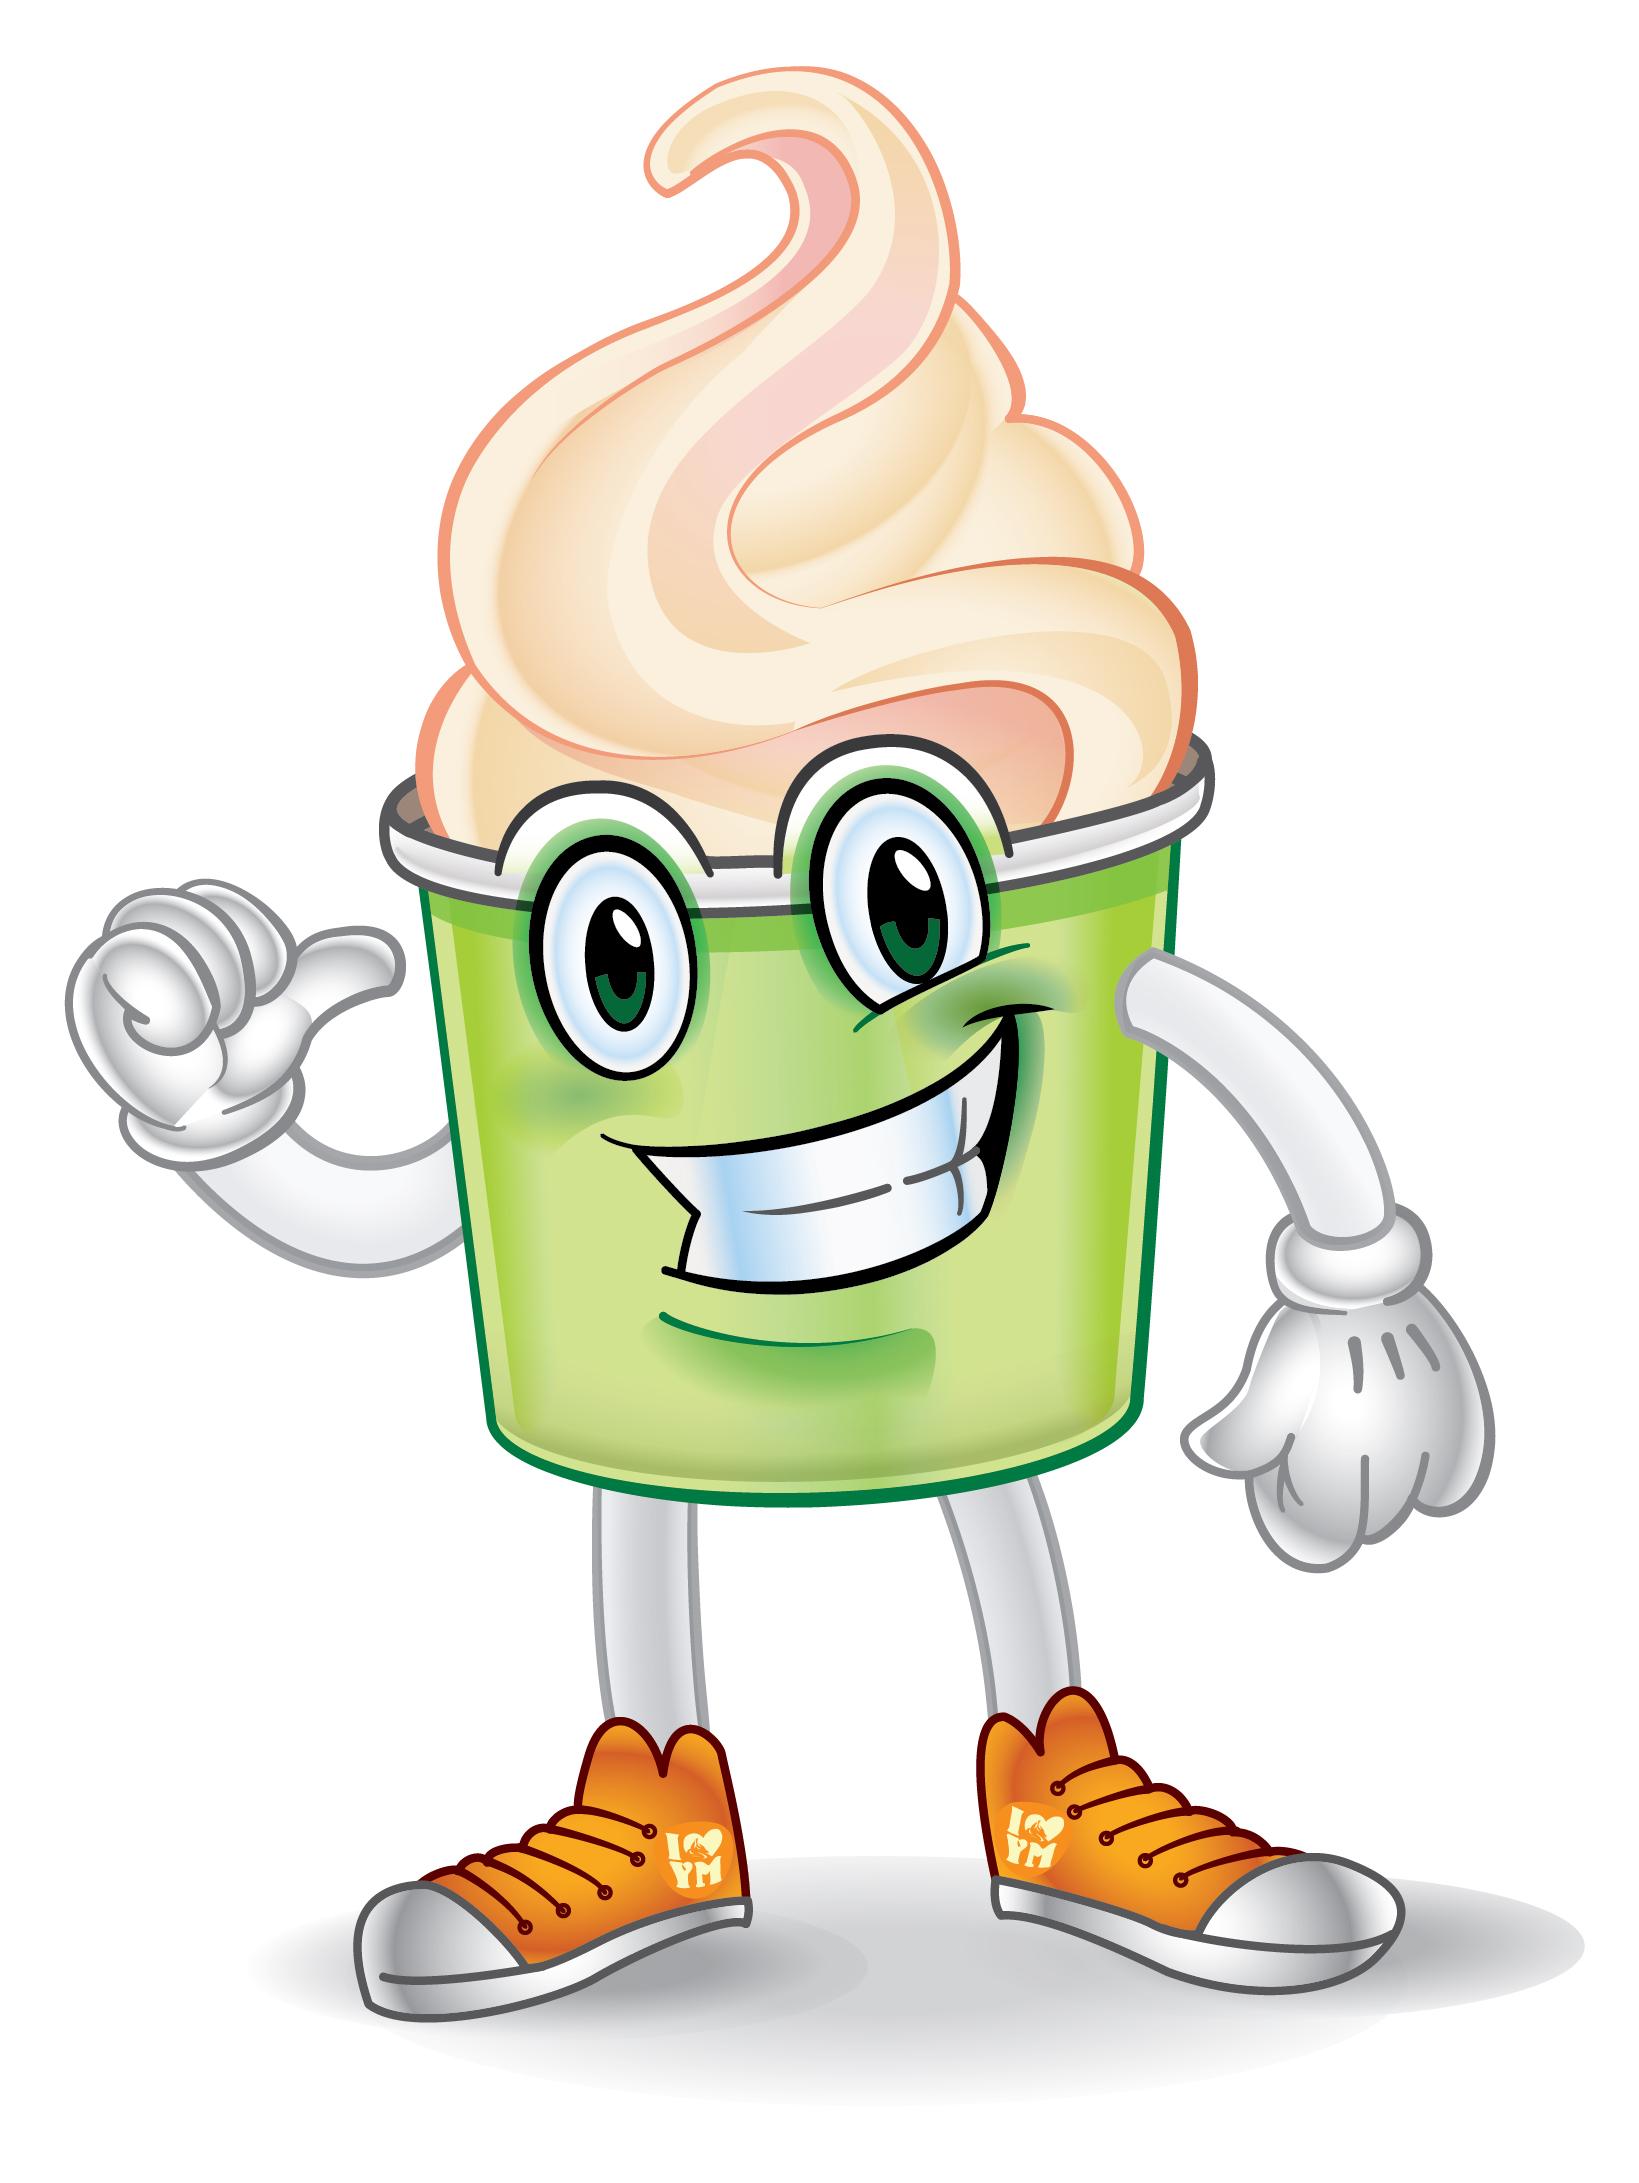 Yogurt Mascot